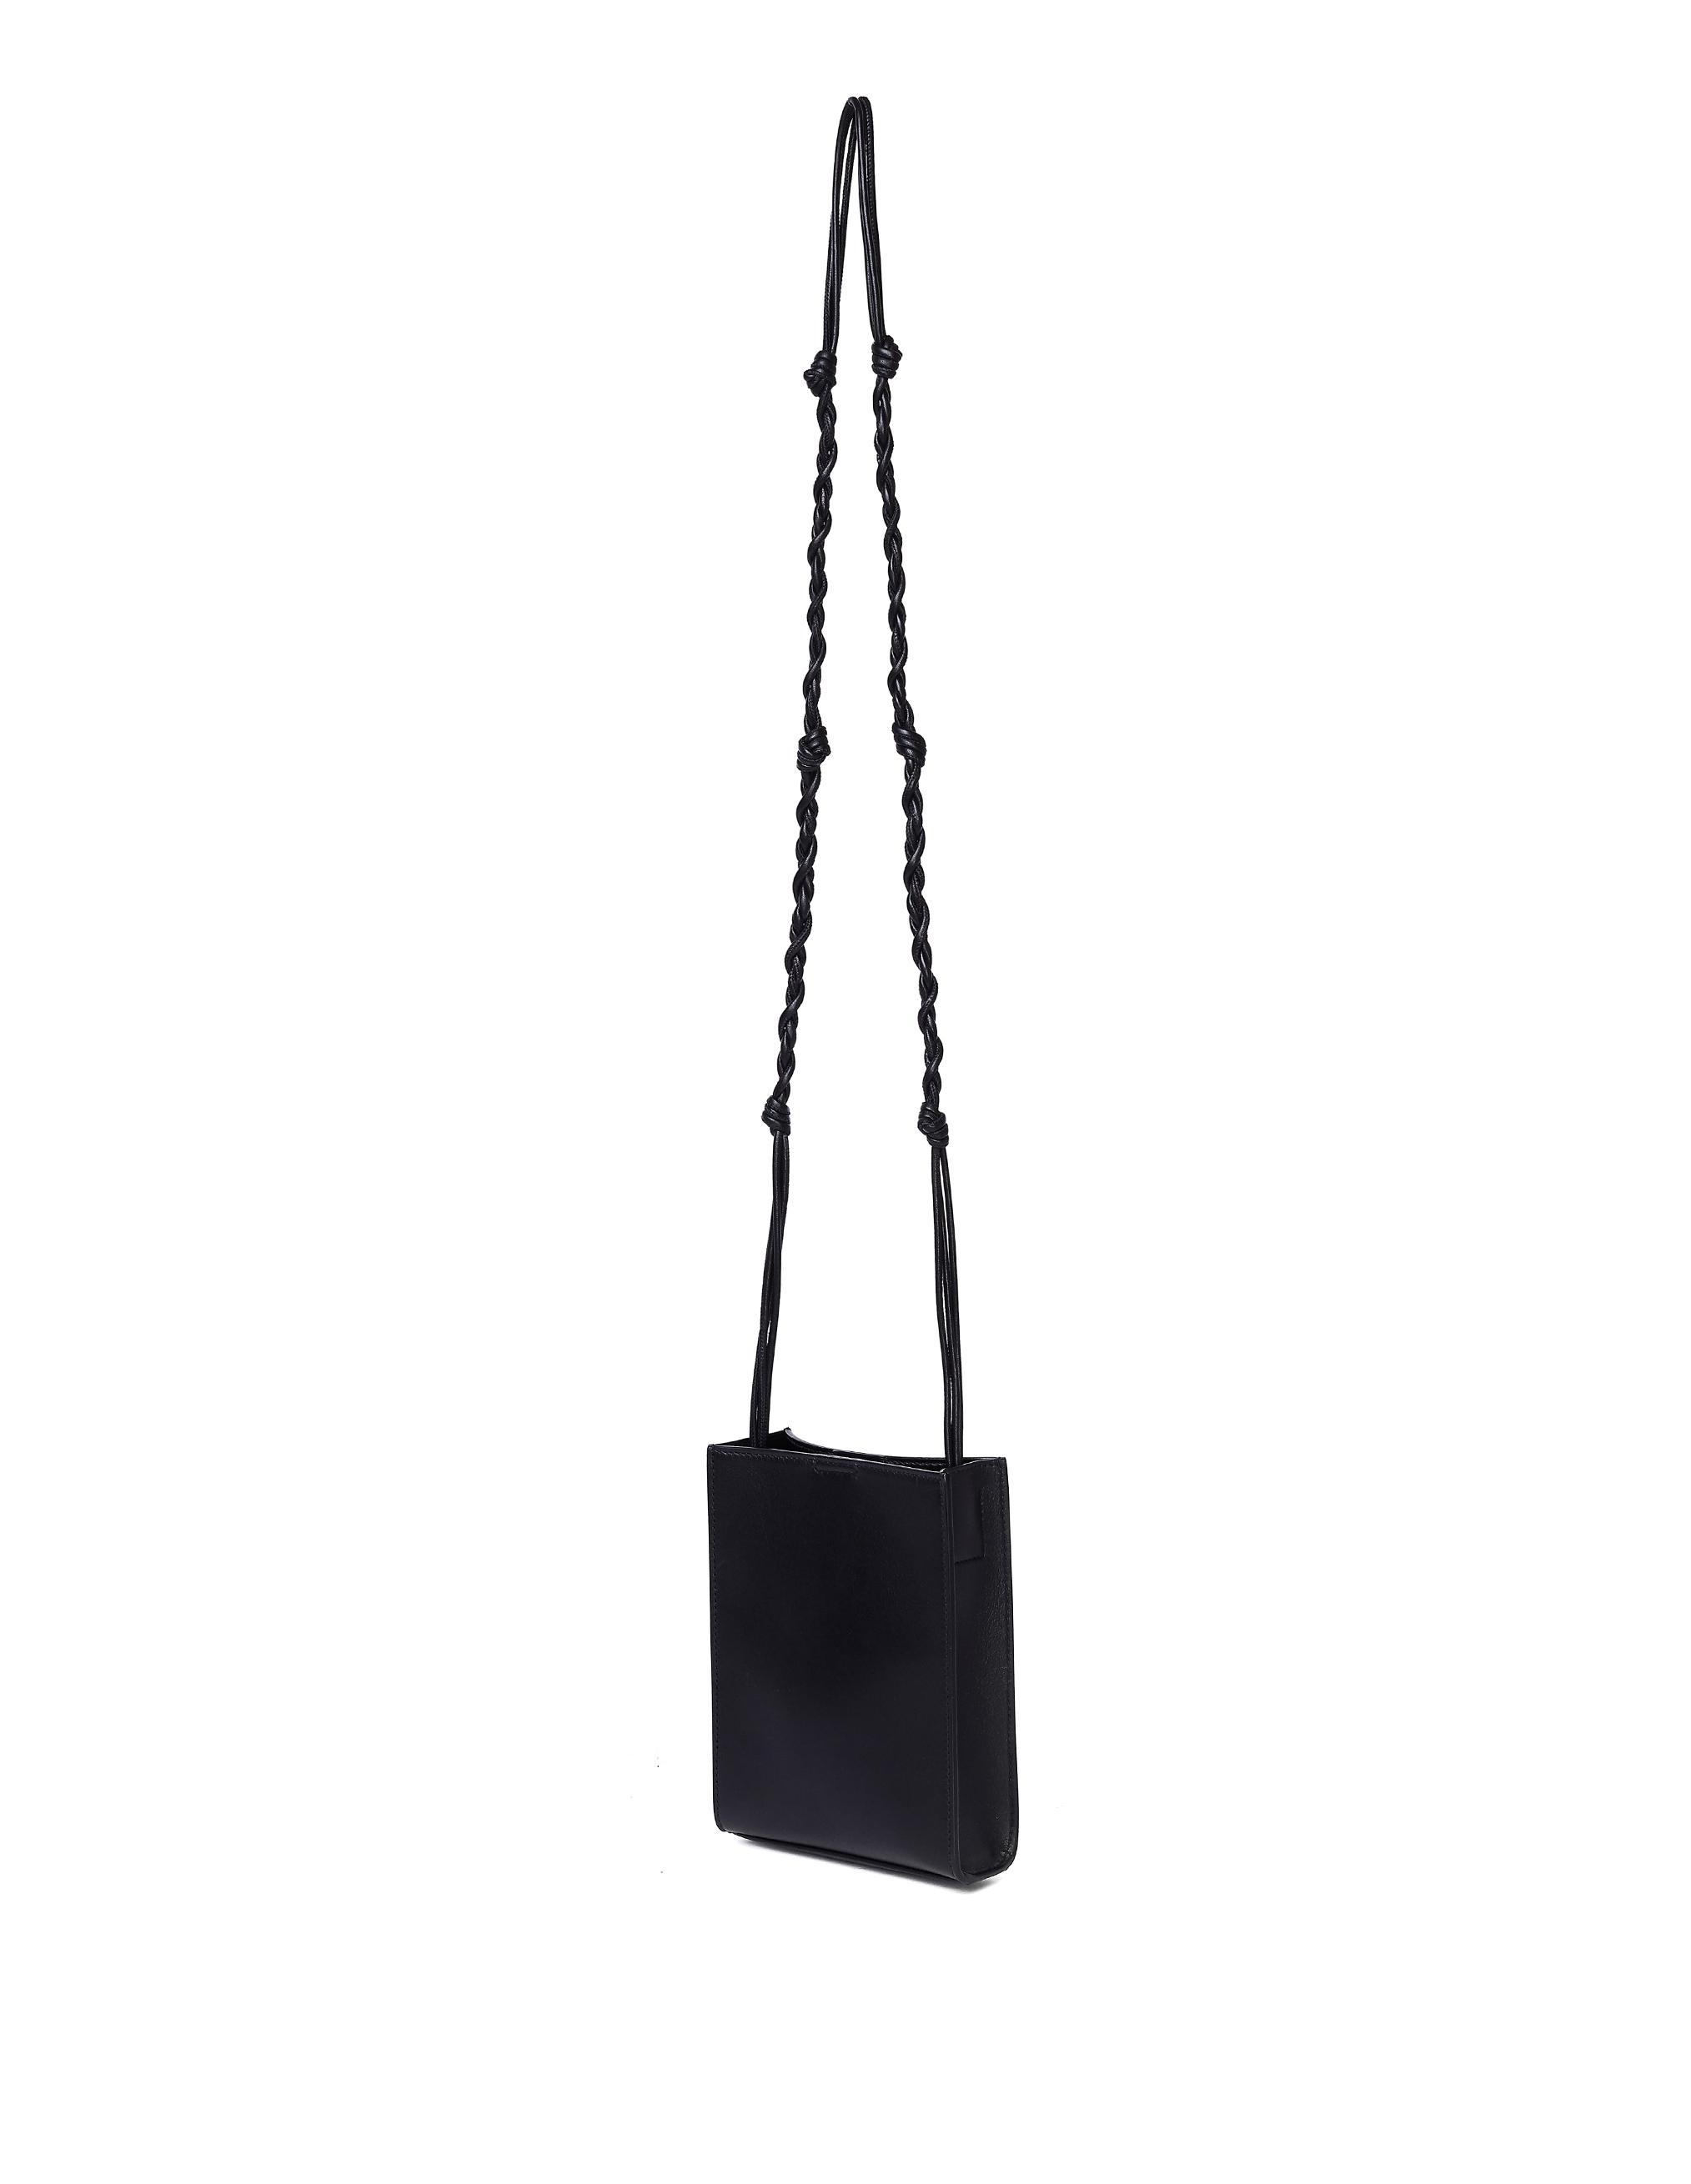 Jil Sander Black Leather Bag With Woven Belt